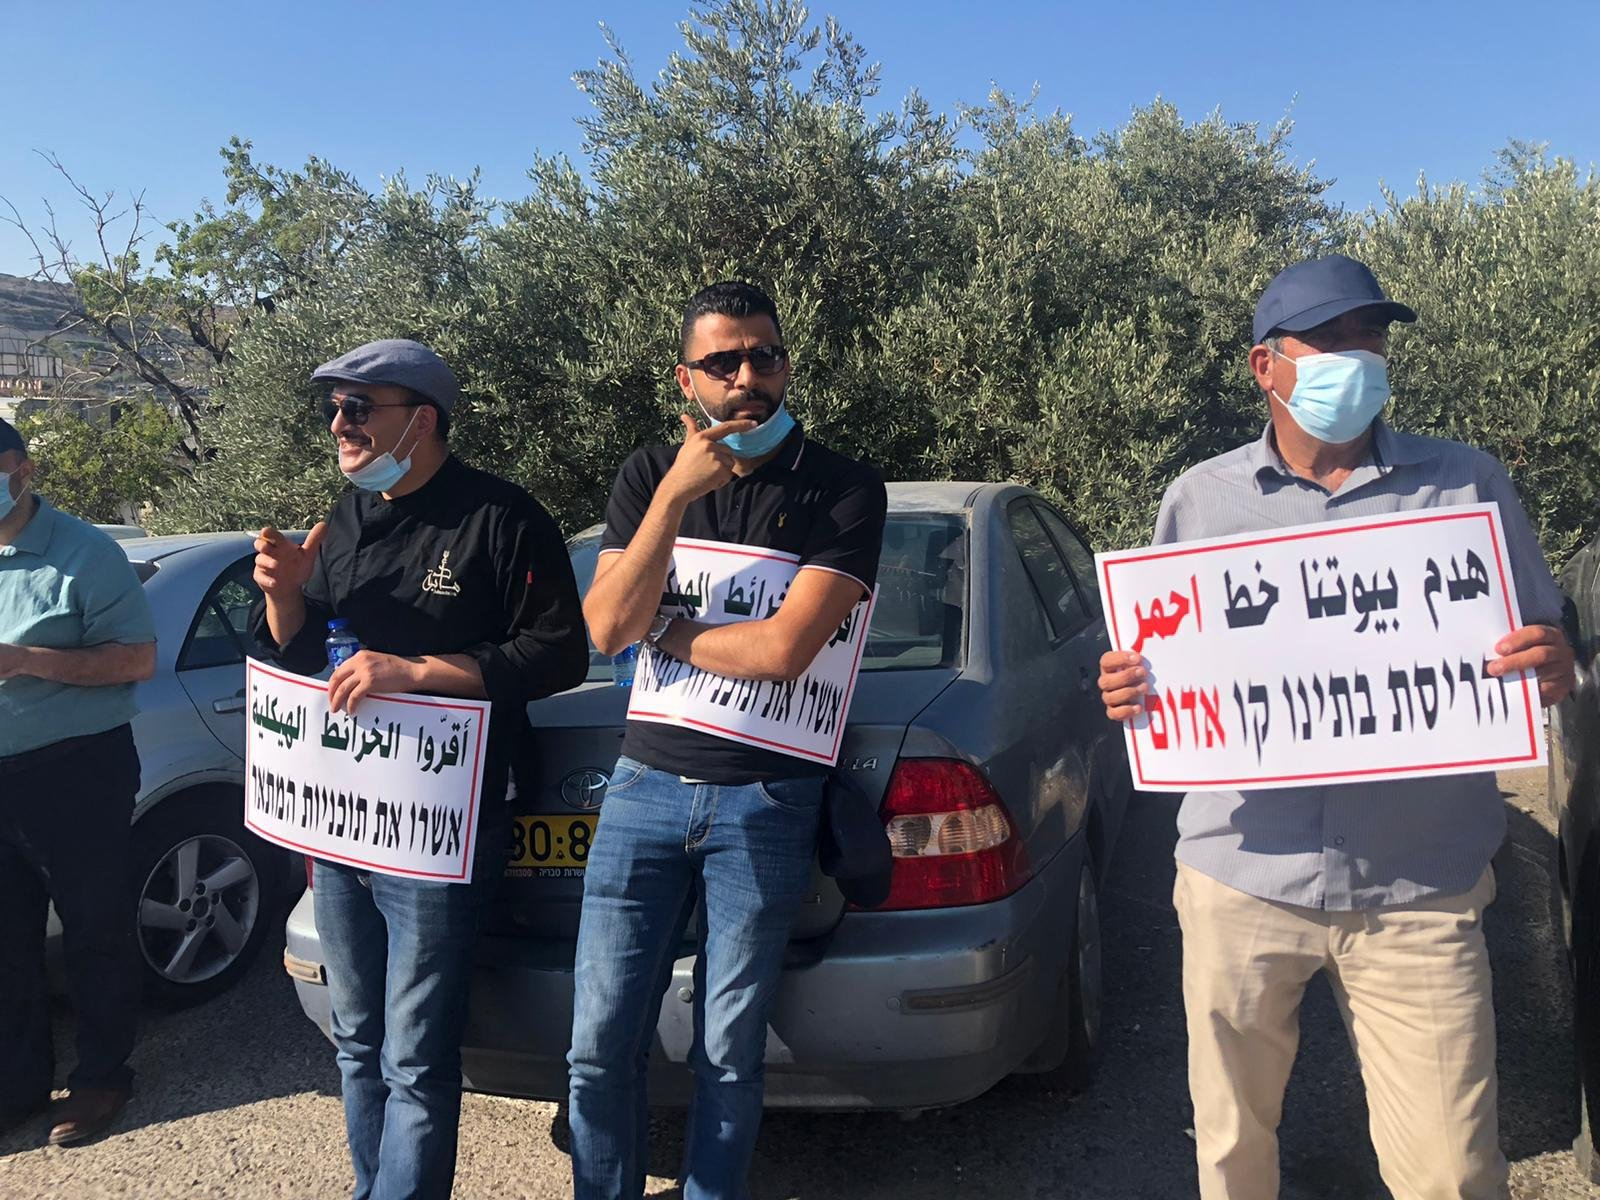 ام الفحم: وقفة احتجاجية ضد هدم البيوت